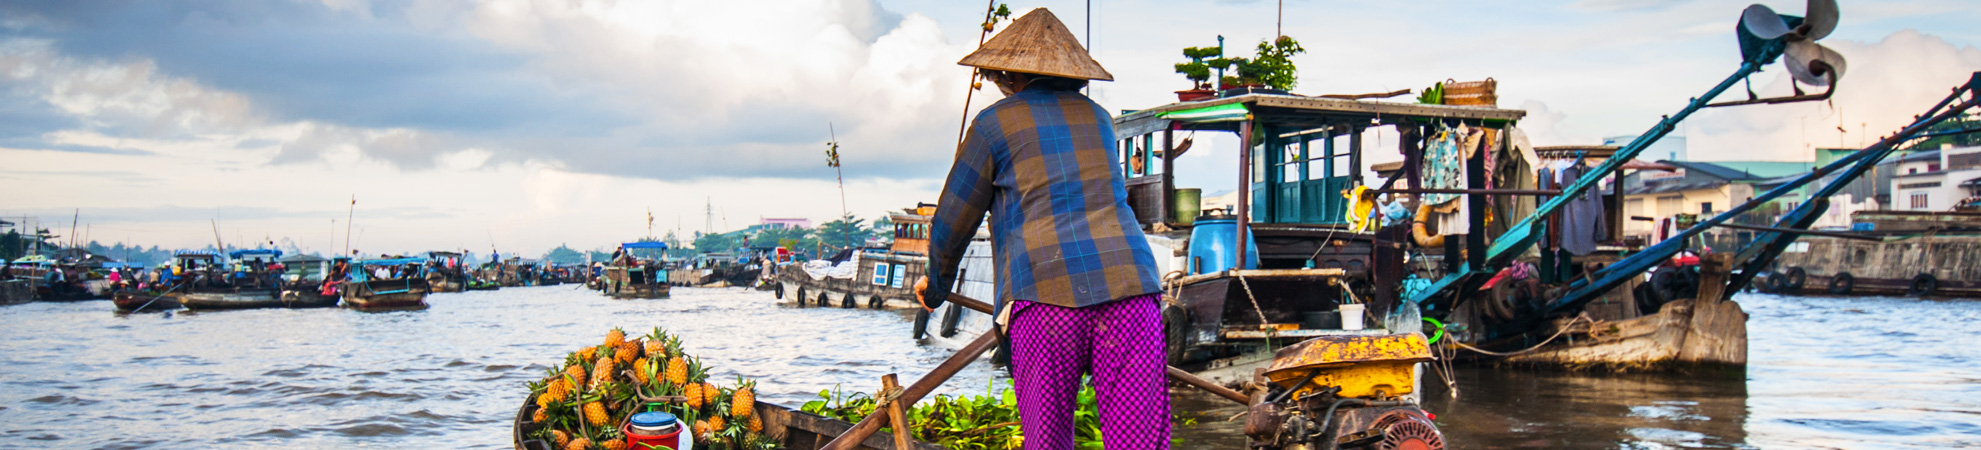 Quel guide de voyage choisir pour son circuit au Vietnam ?